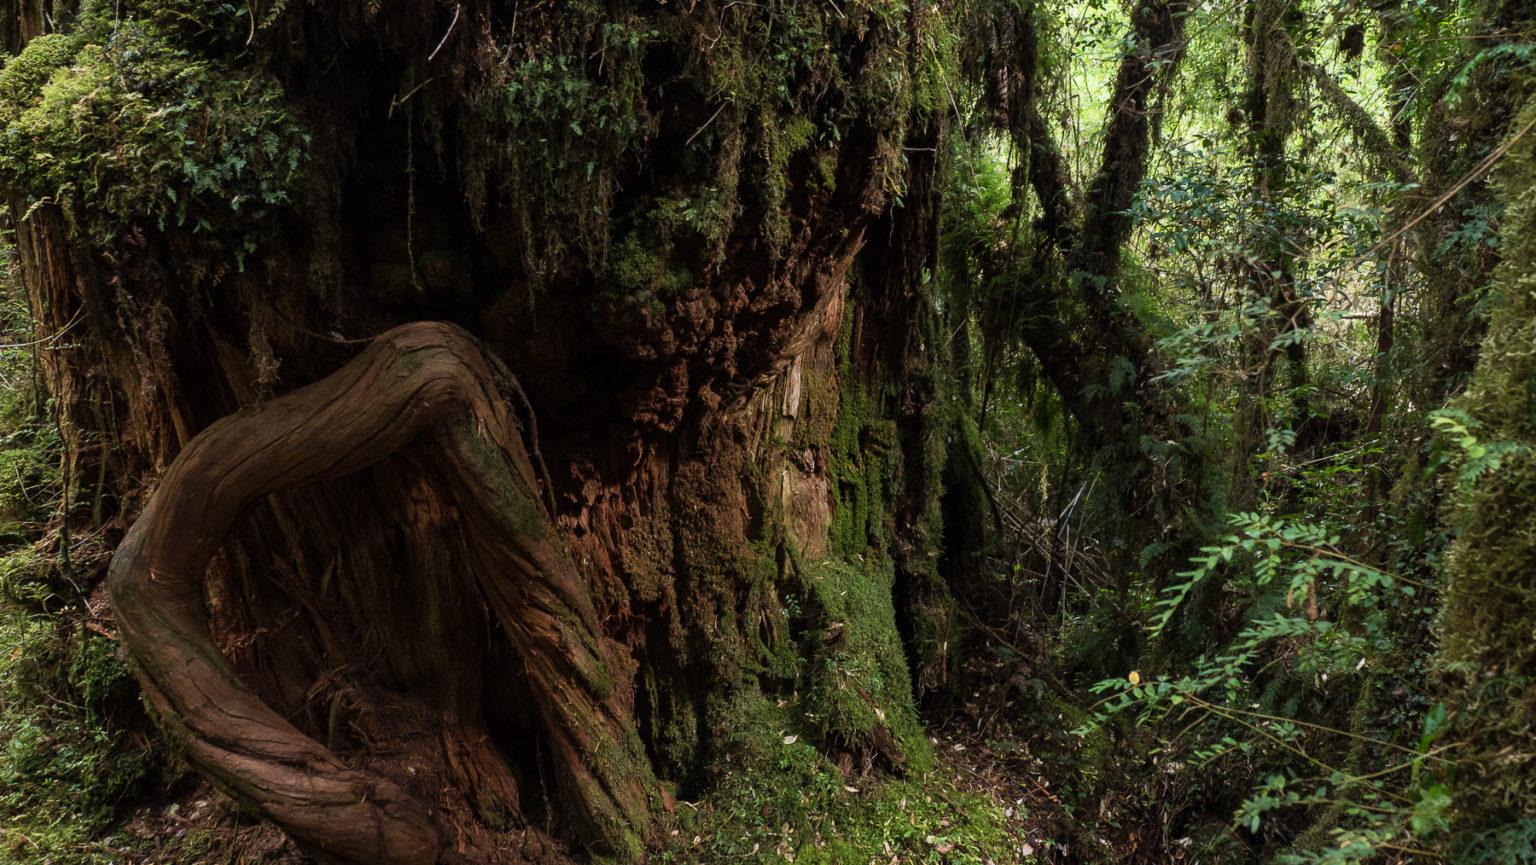 Alerca Bäumen, die alle 10 bis 20 Jahre nur einen Zentimeter wachsen.